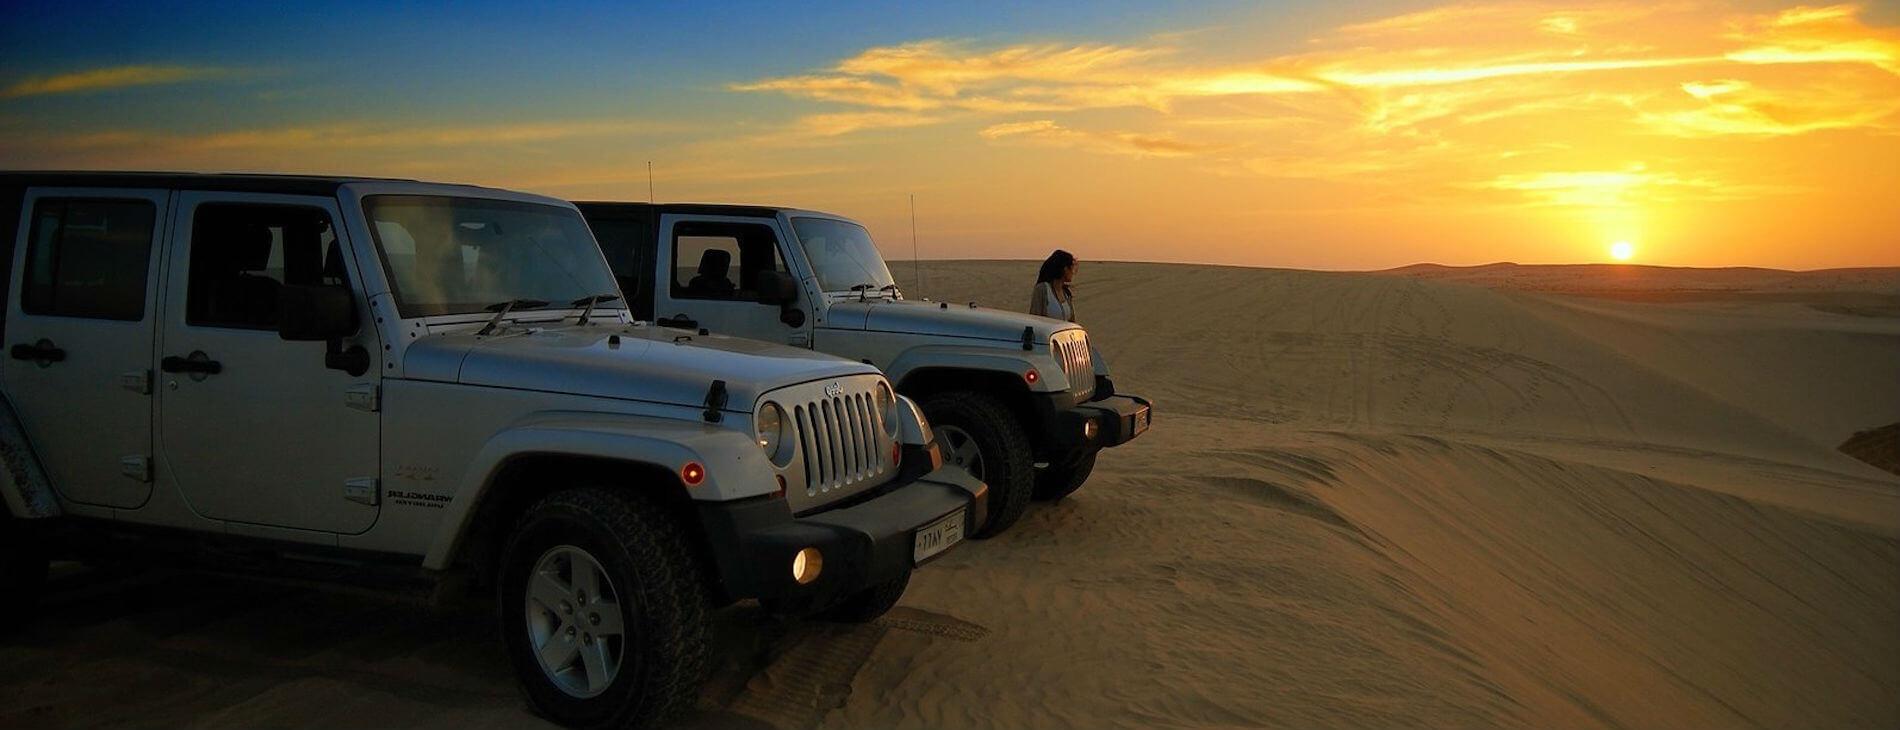 Mastroviaggiatore-baja-california-selfDrive-jeep